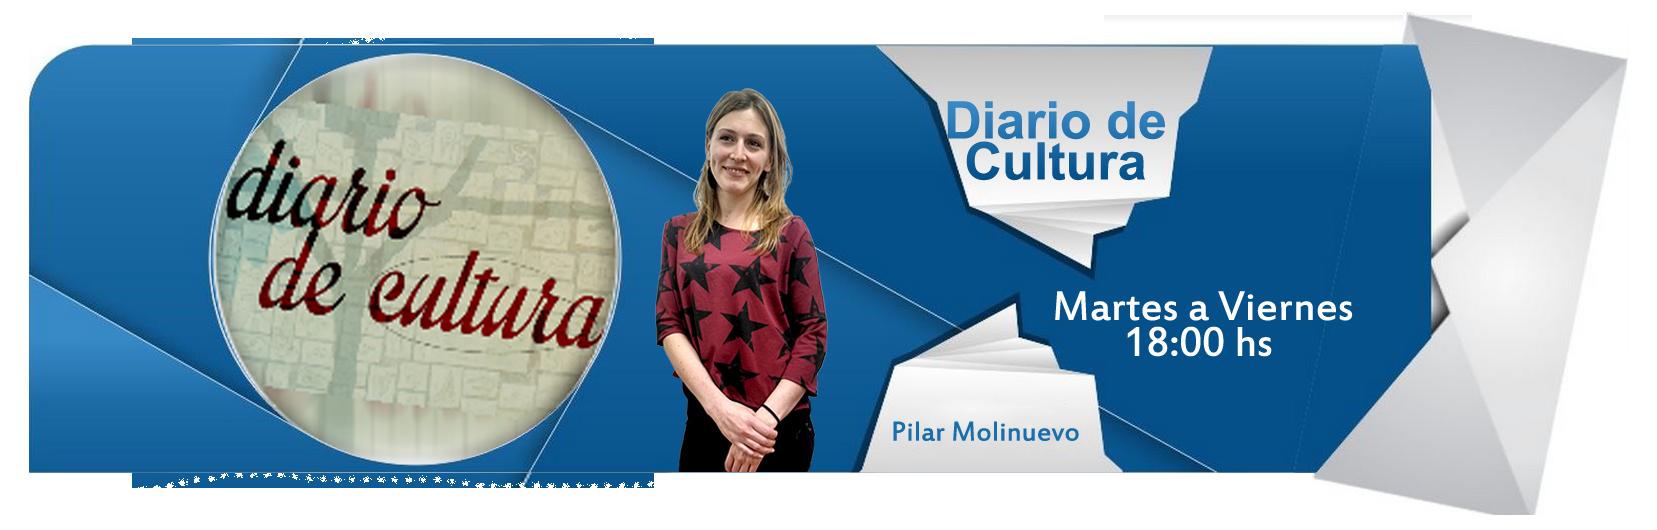 diario-de-cultura